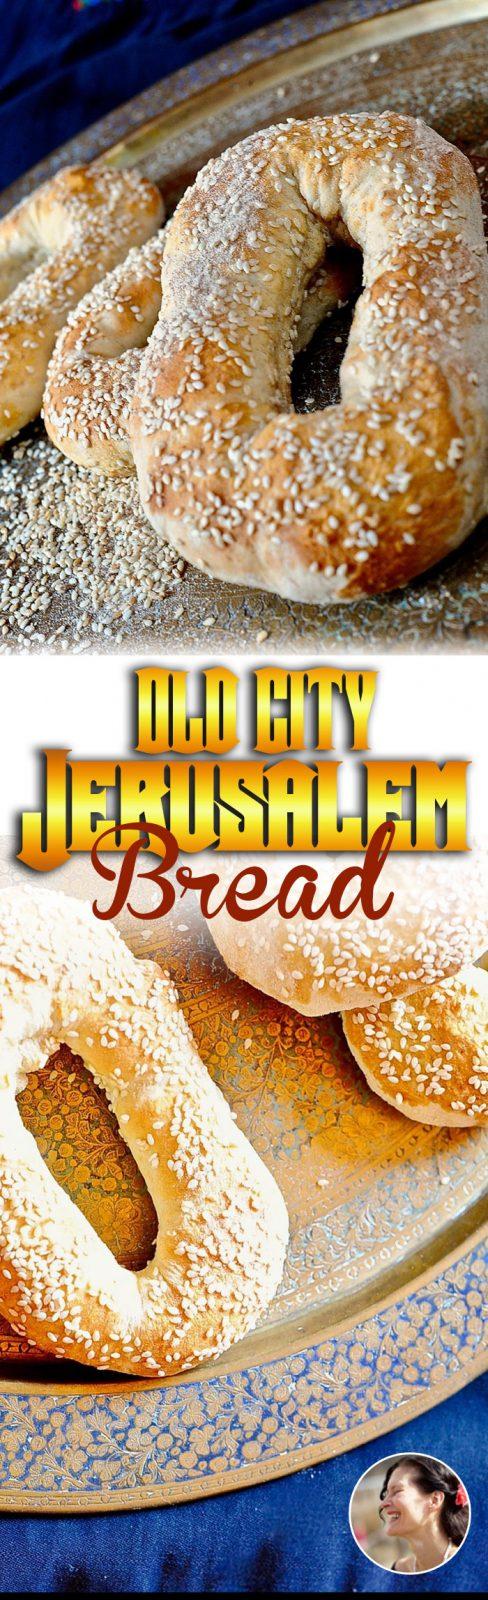 Old City Jerusalem Bread with sesame seeds, vegan, easy.